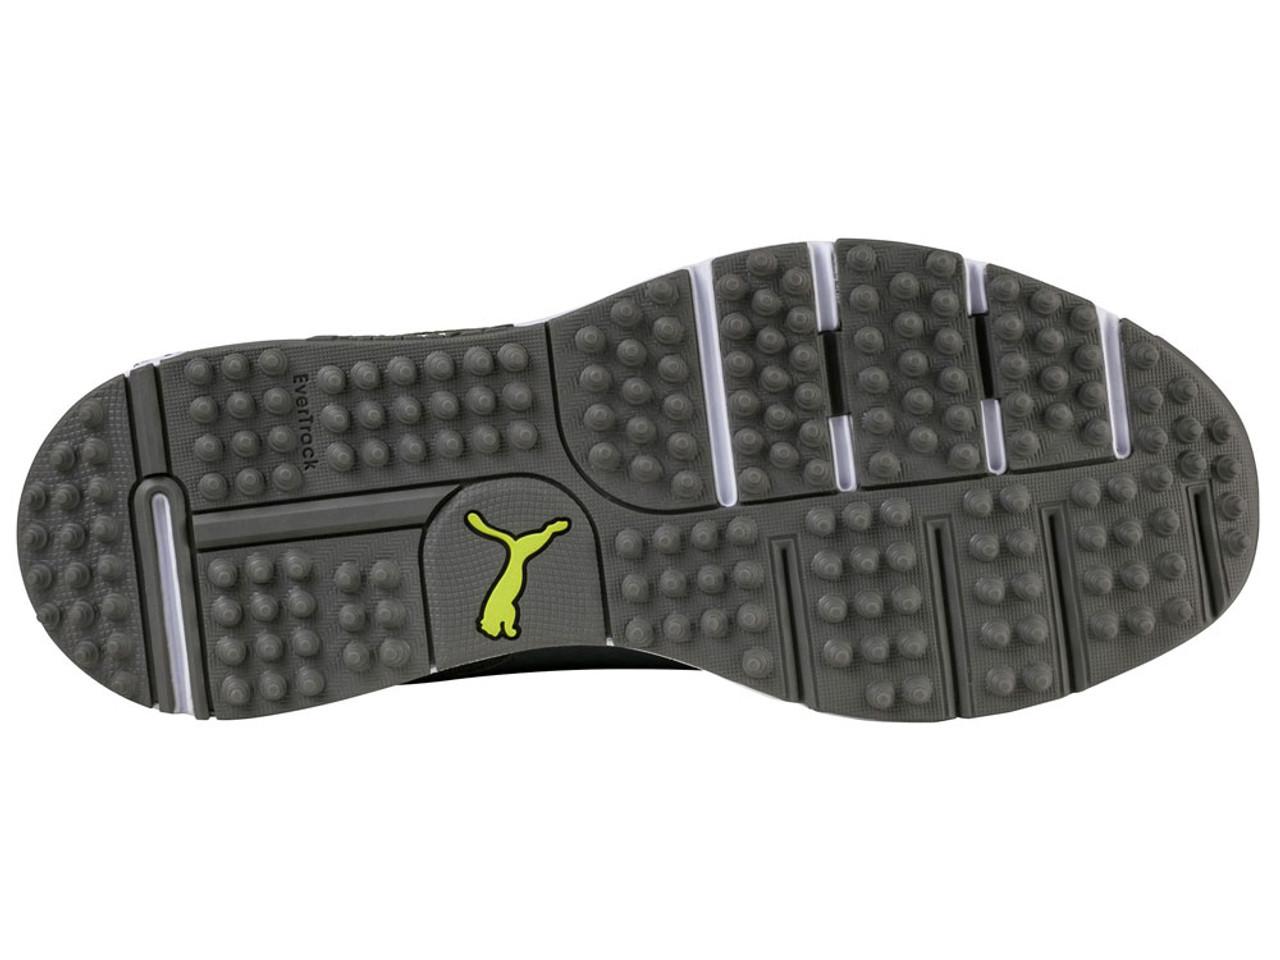 a320125745b5 Puma Grip Sport Tech Golf Shoes - Quiet Shade Acid Lime - Mens For ...